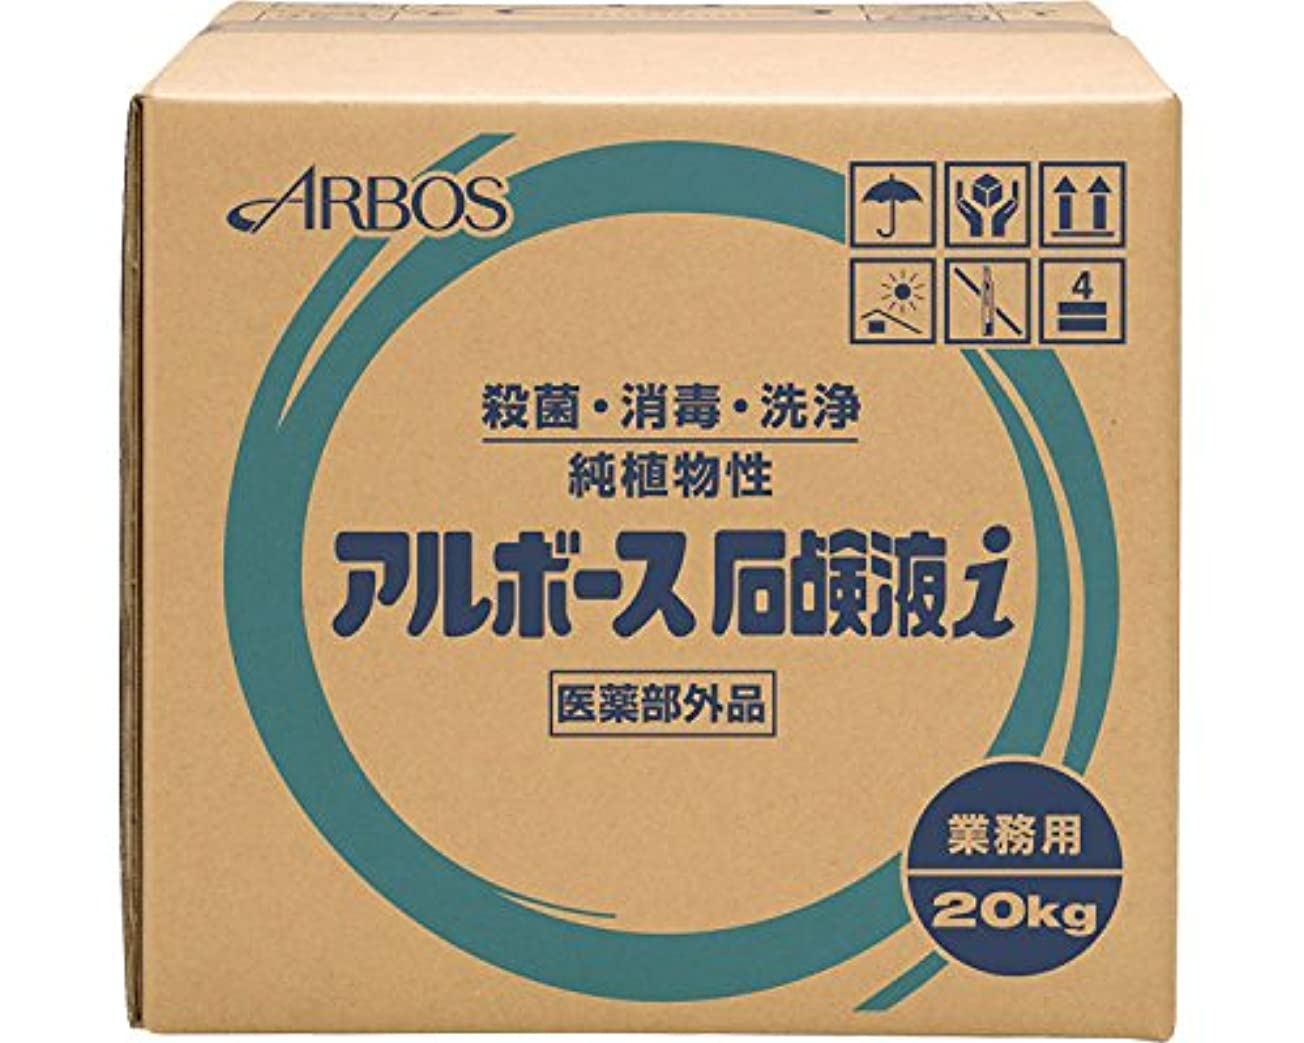 リテラシー書道バトルアルボース石鹸液i 20kg (アルボース)